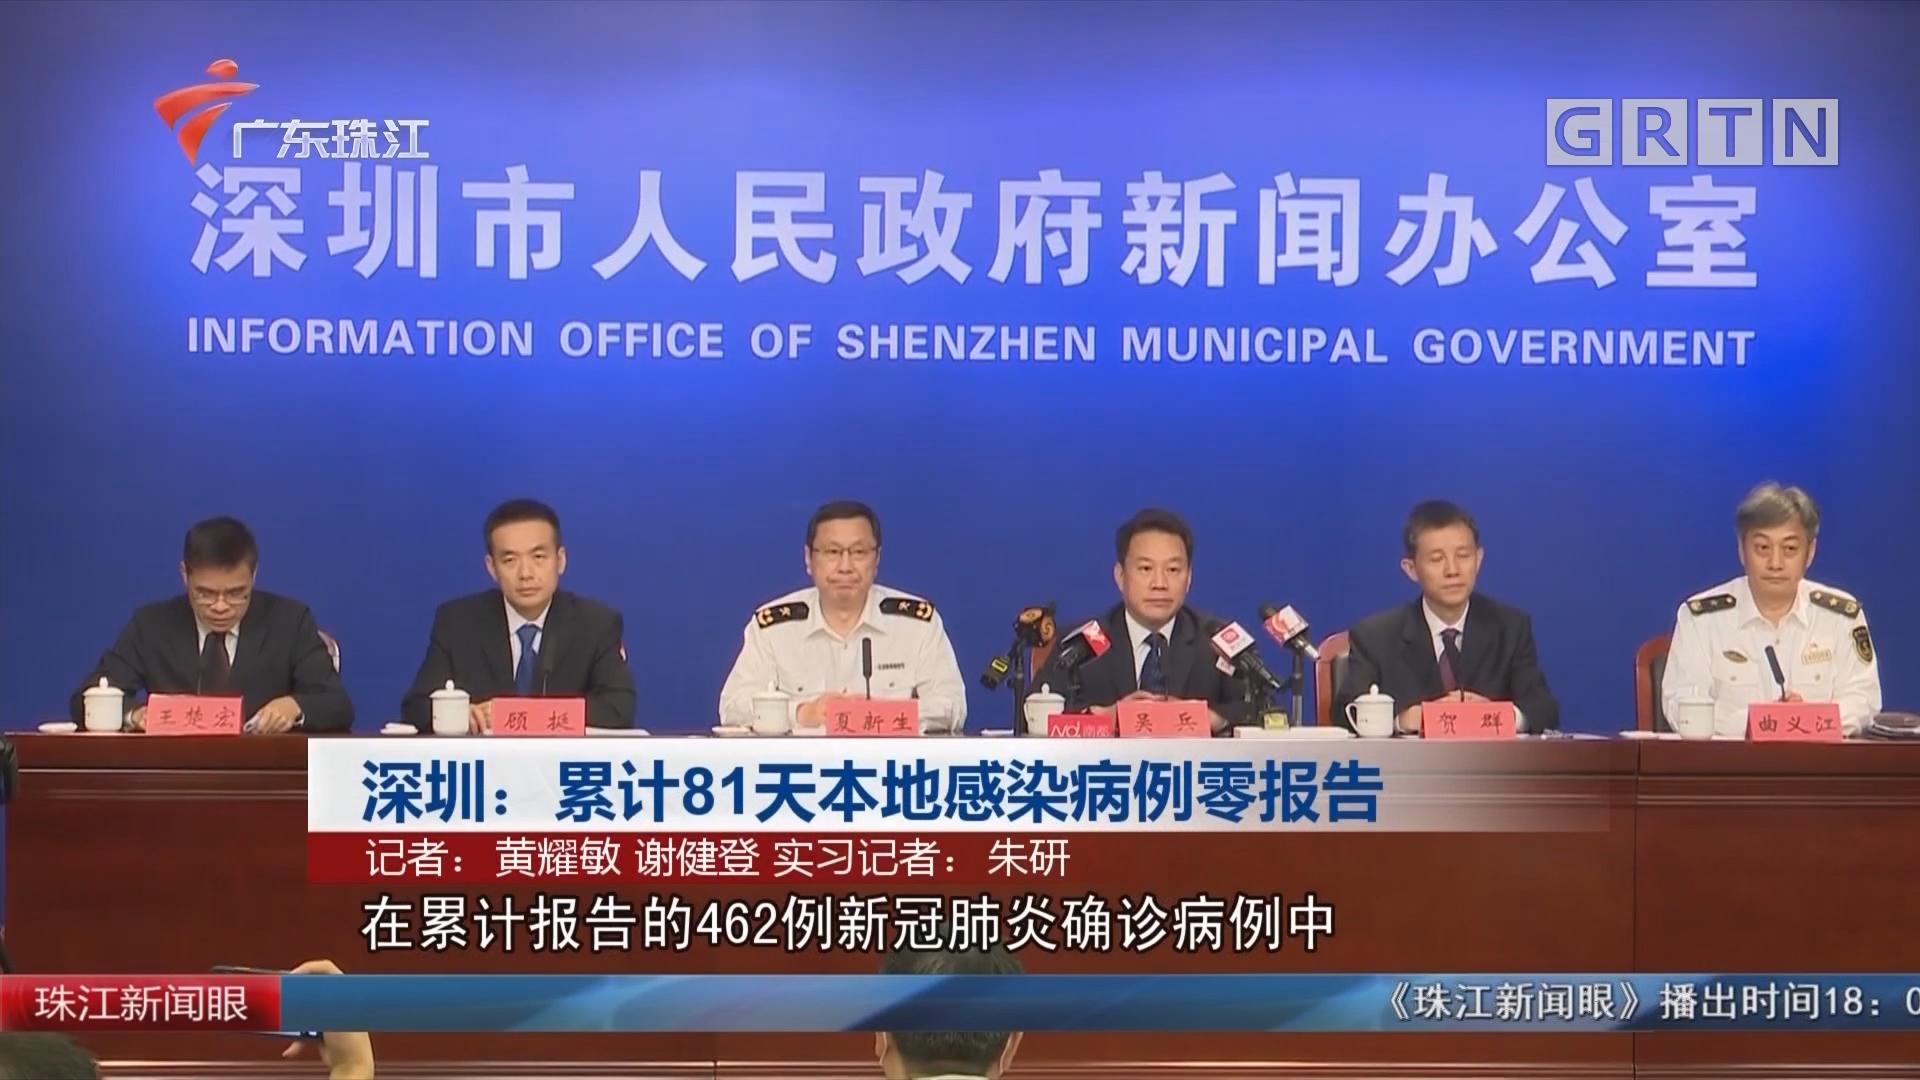 深圳:累計81天本地感染病例零報告